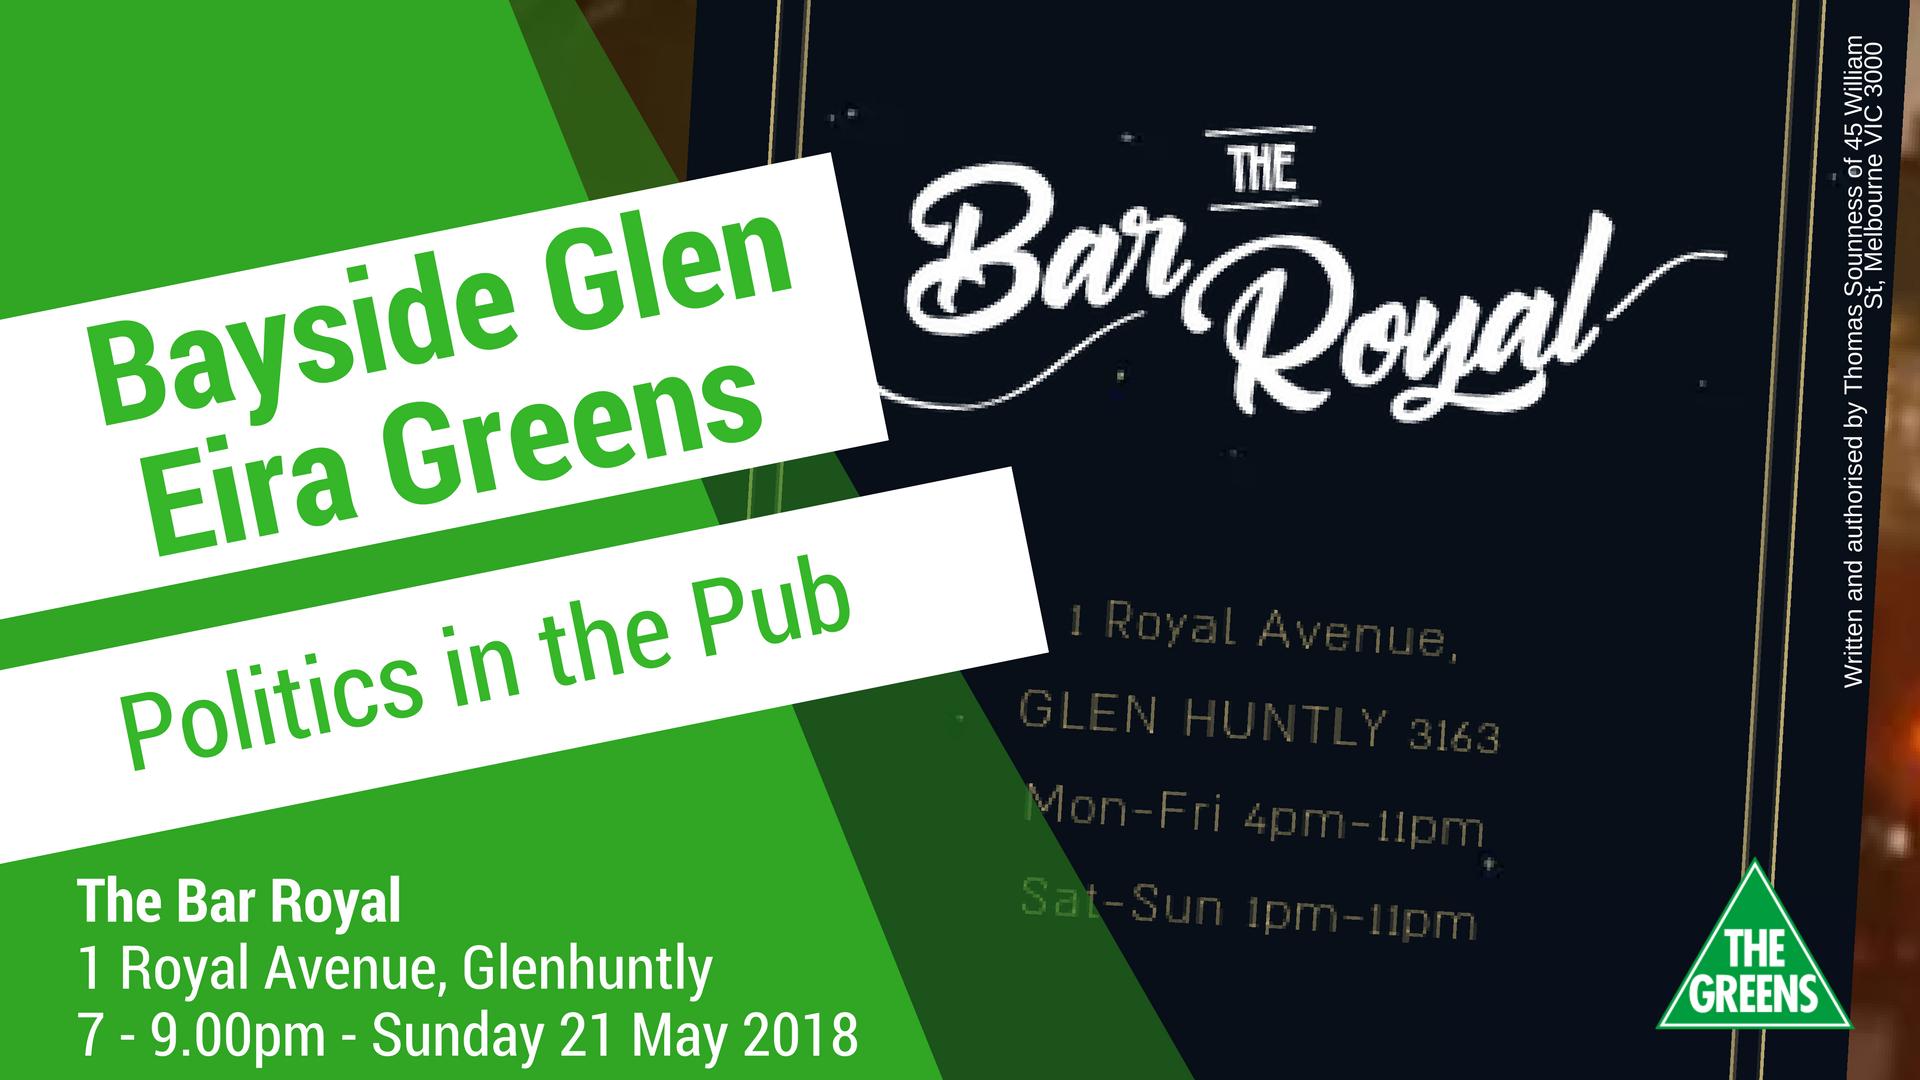 Bar_Royal_Politics-in-the-pub.png